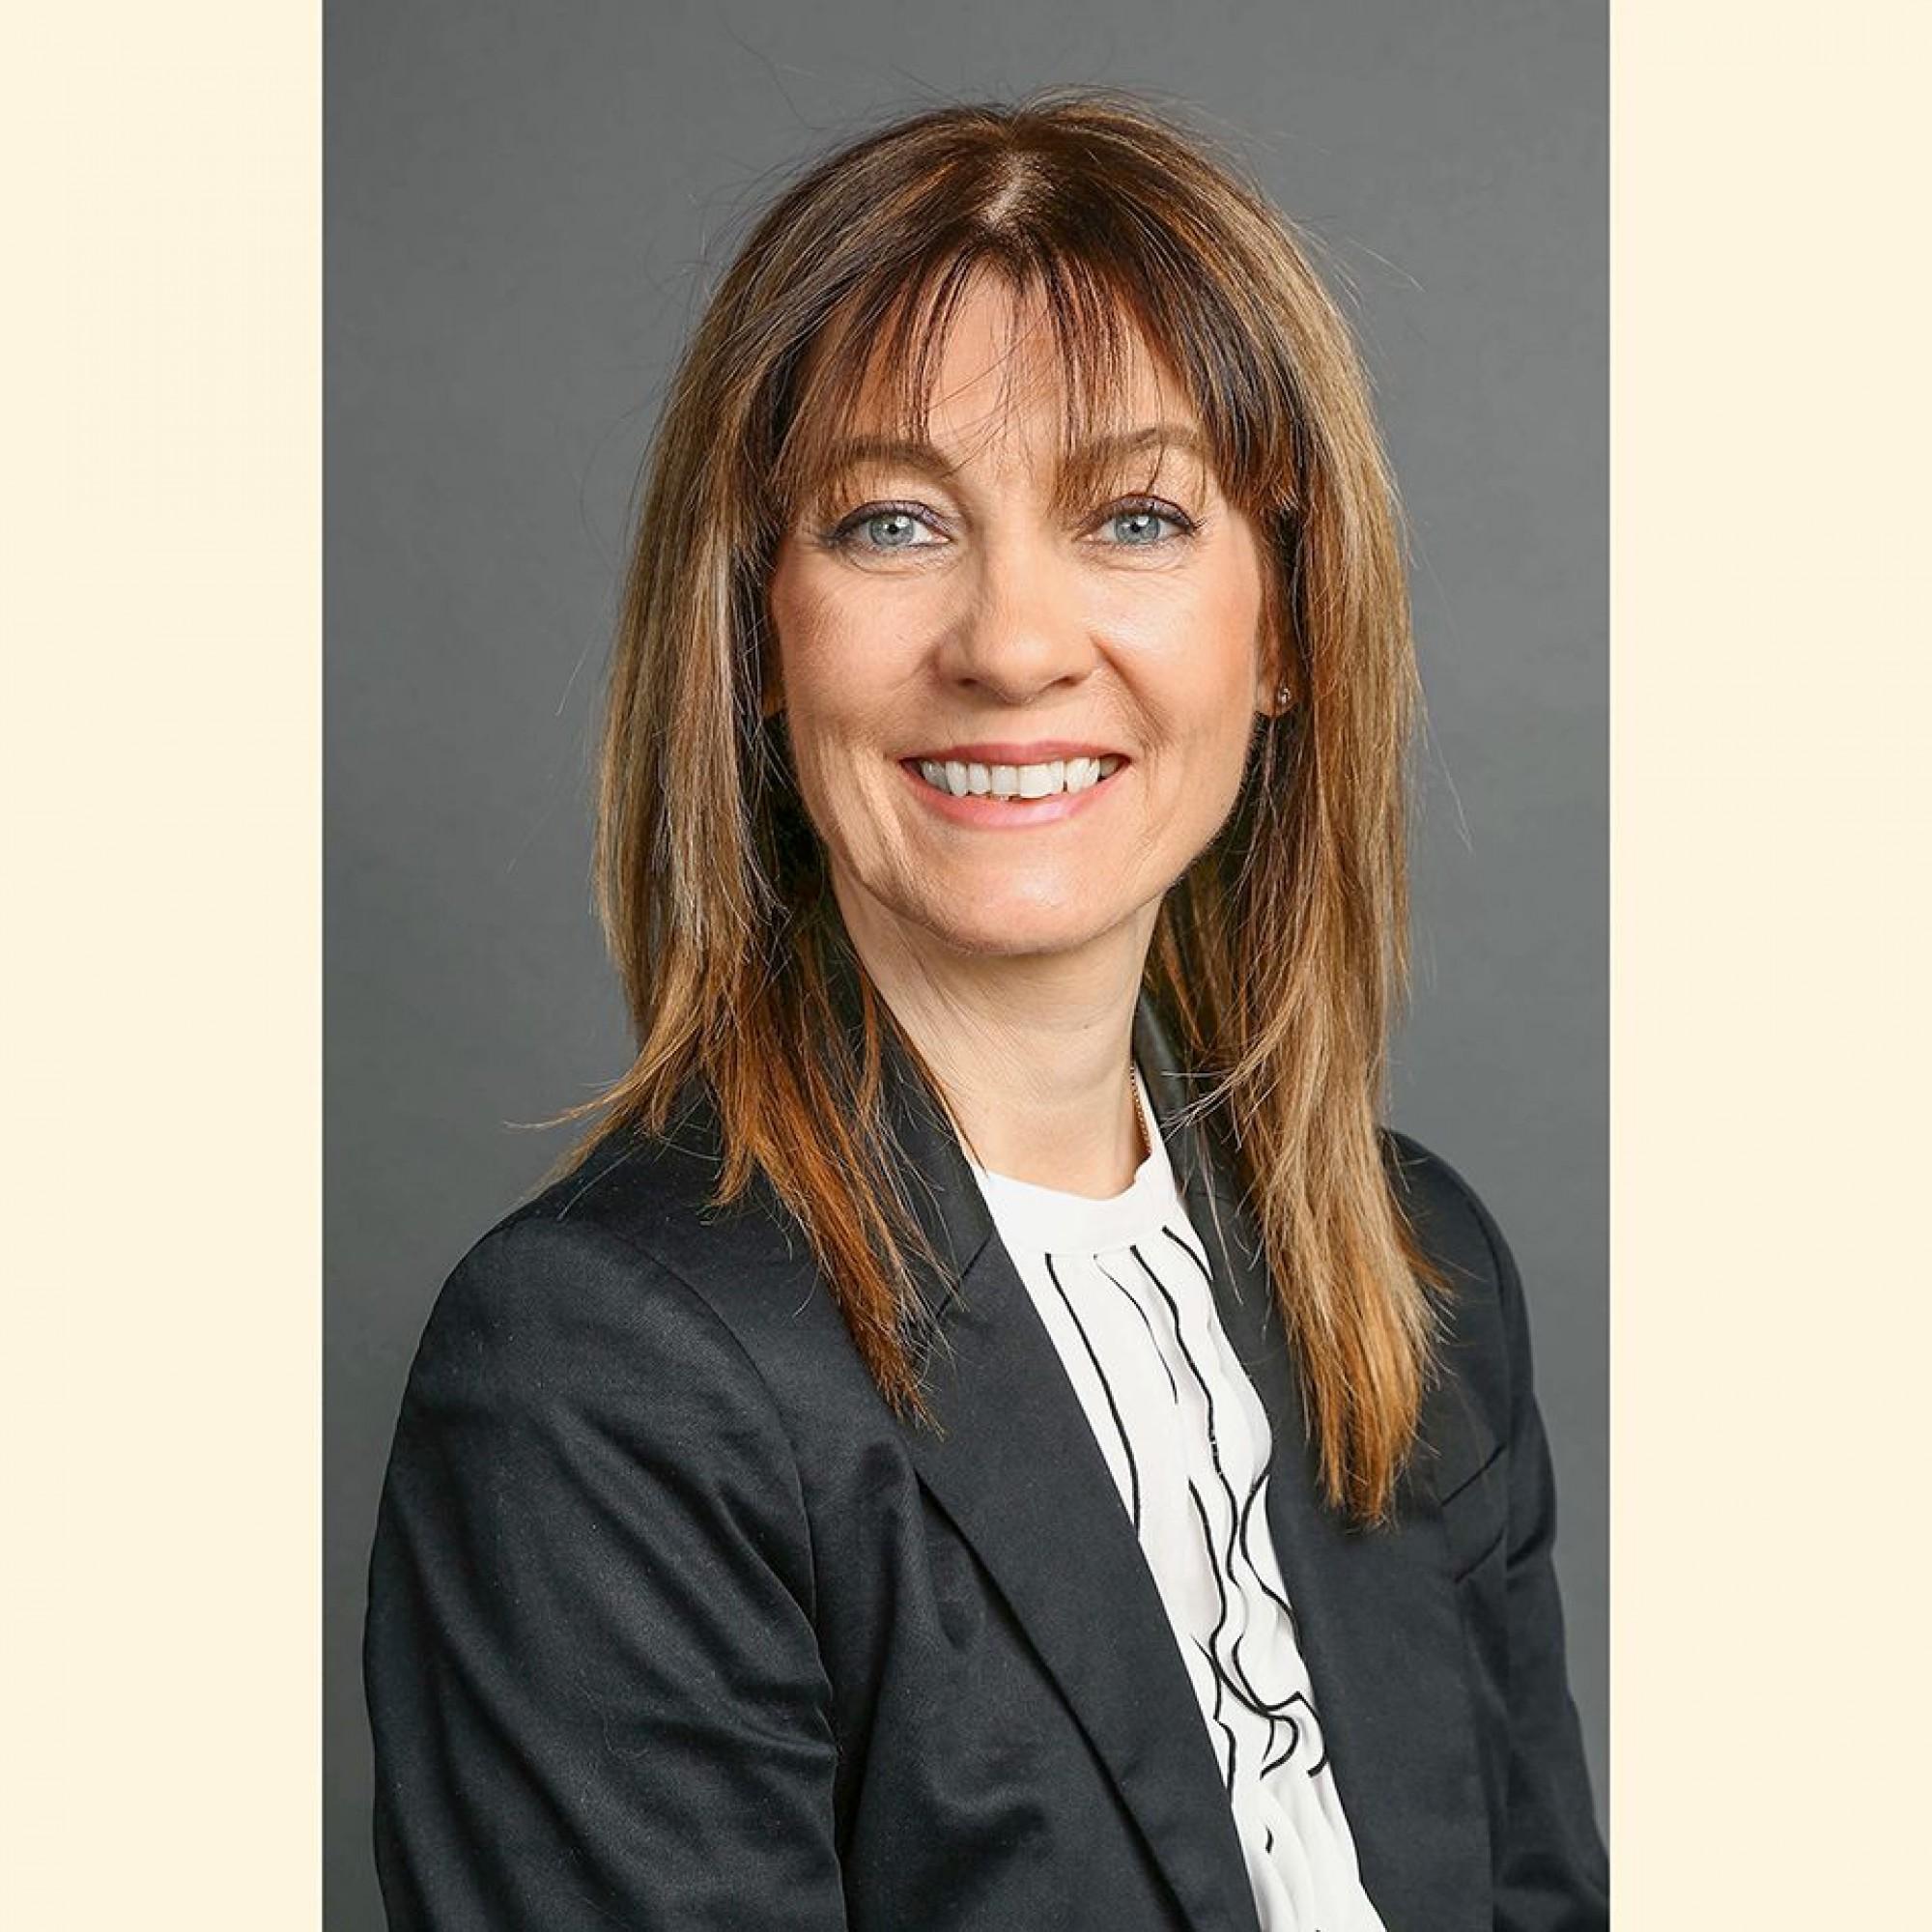 Birgitta Schock ist Gründerinund Partnerin des Architektur-büros Schockguyan GmbH, das den Bauherrn als Spezialist für Lean Construction beim Suurstoffi-Projekt «Baufeld1» begleitet.Birgitta Schock ist Gründerinund Partnerin des Architekturbüros Schoc